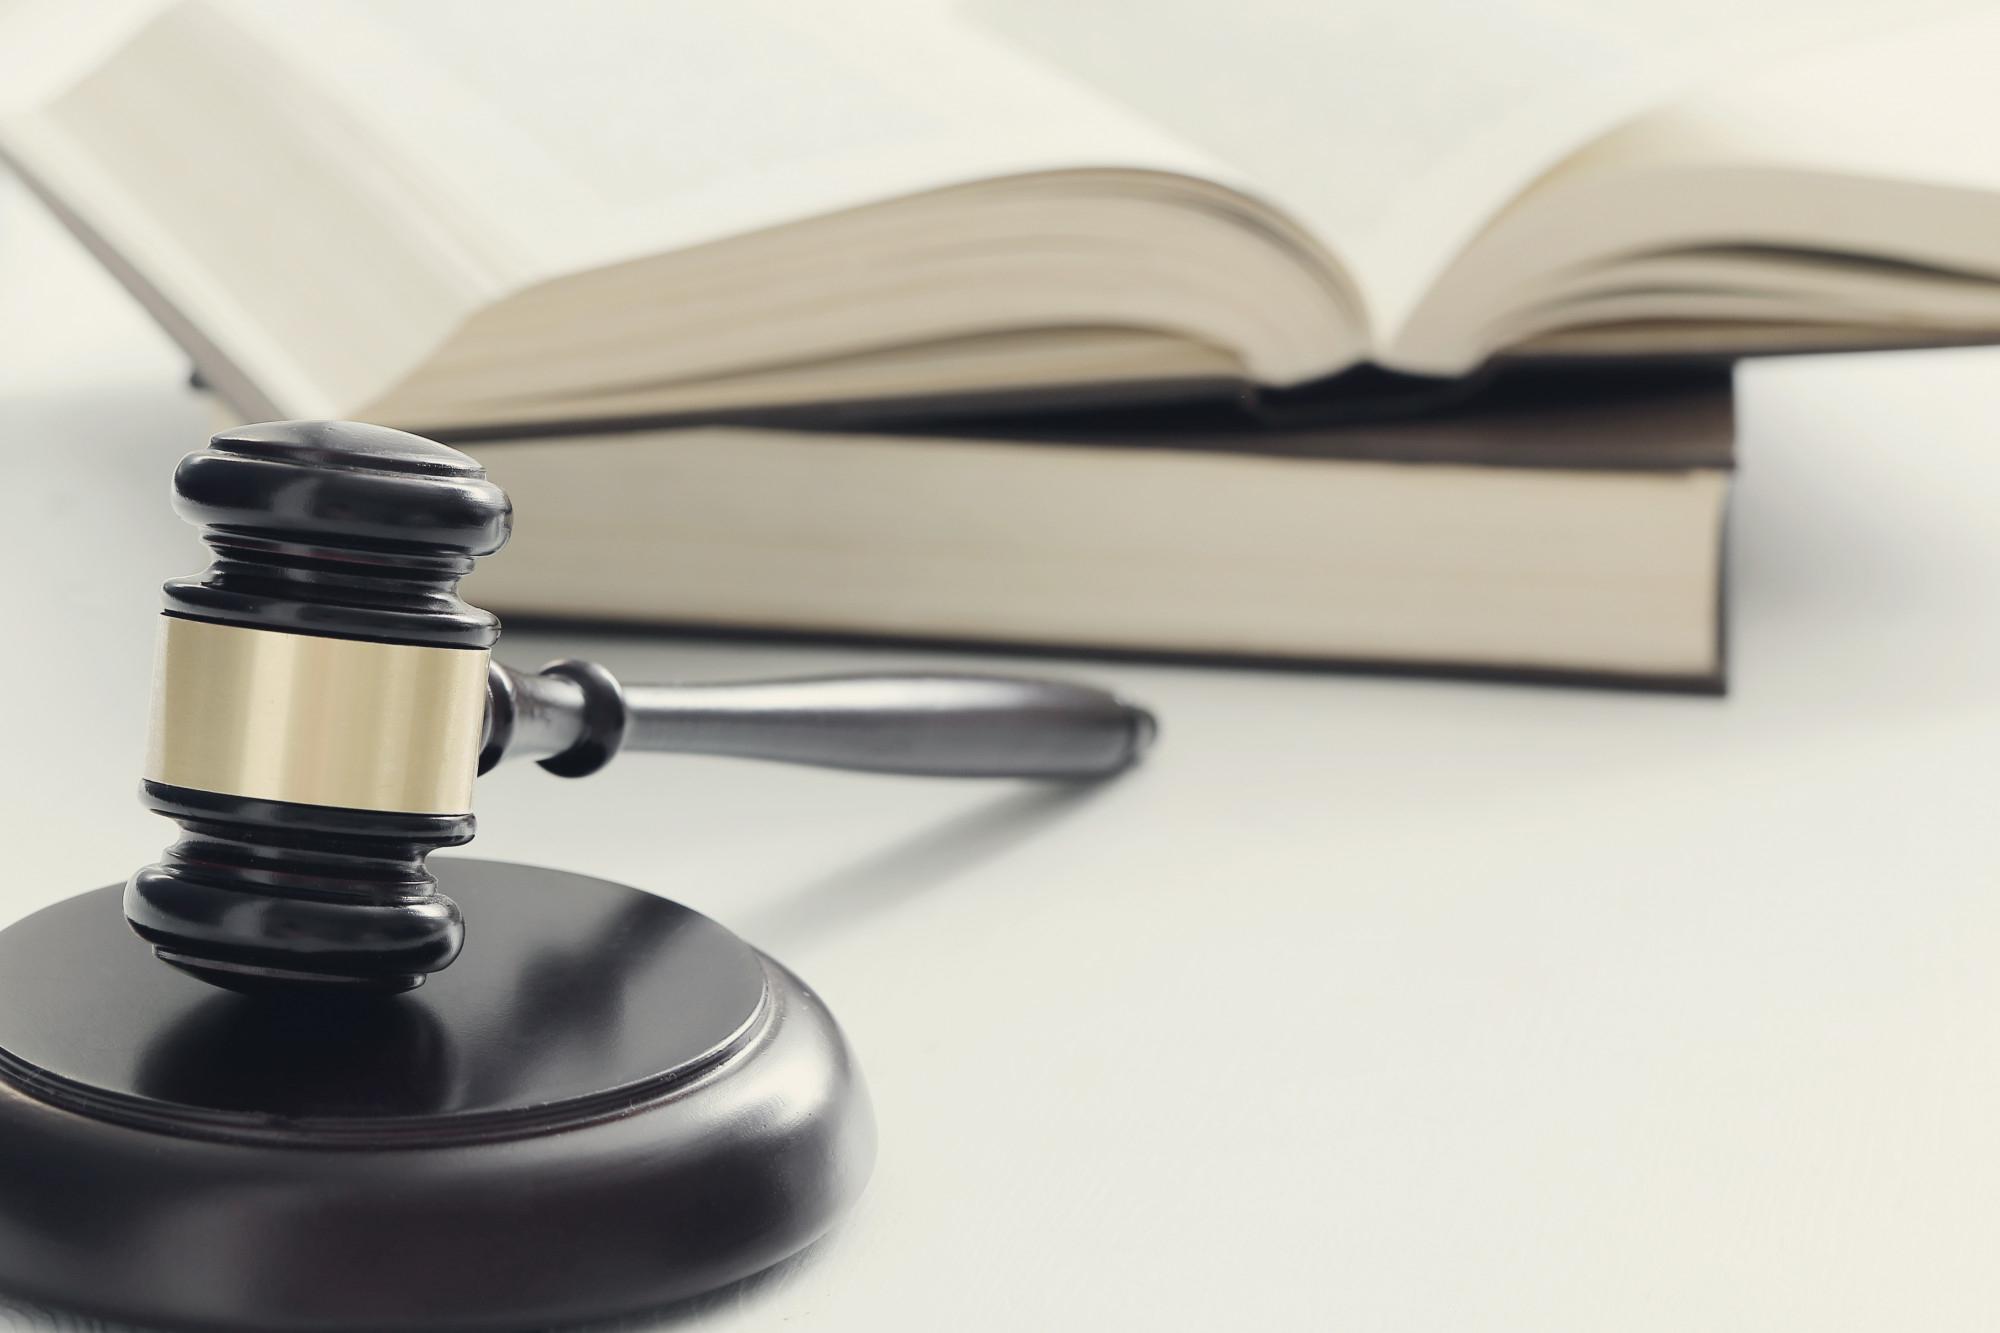 Justiça determina cobertura de Bavencio pelo plano de saúde